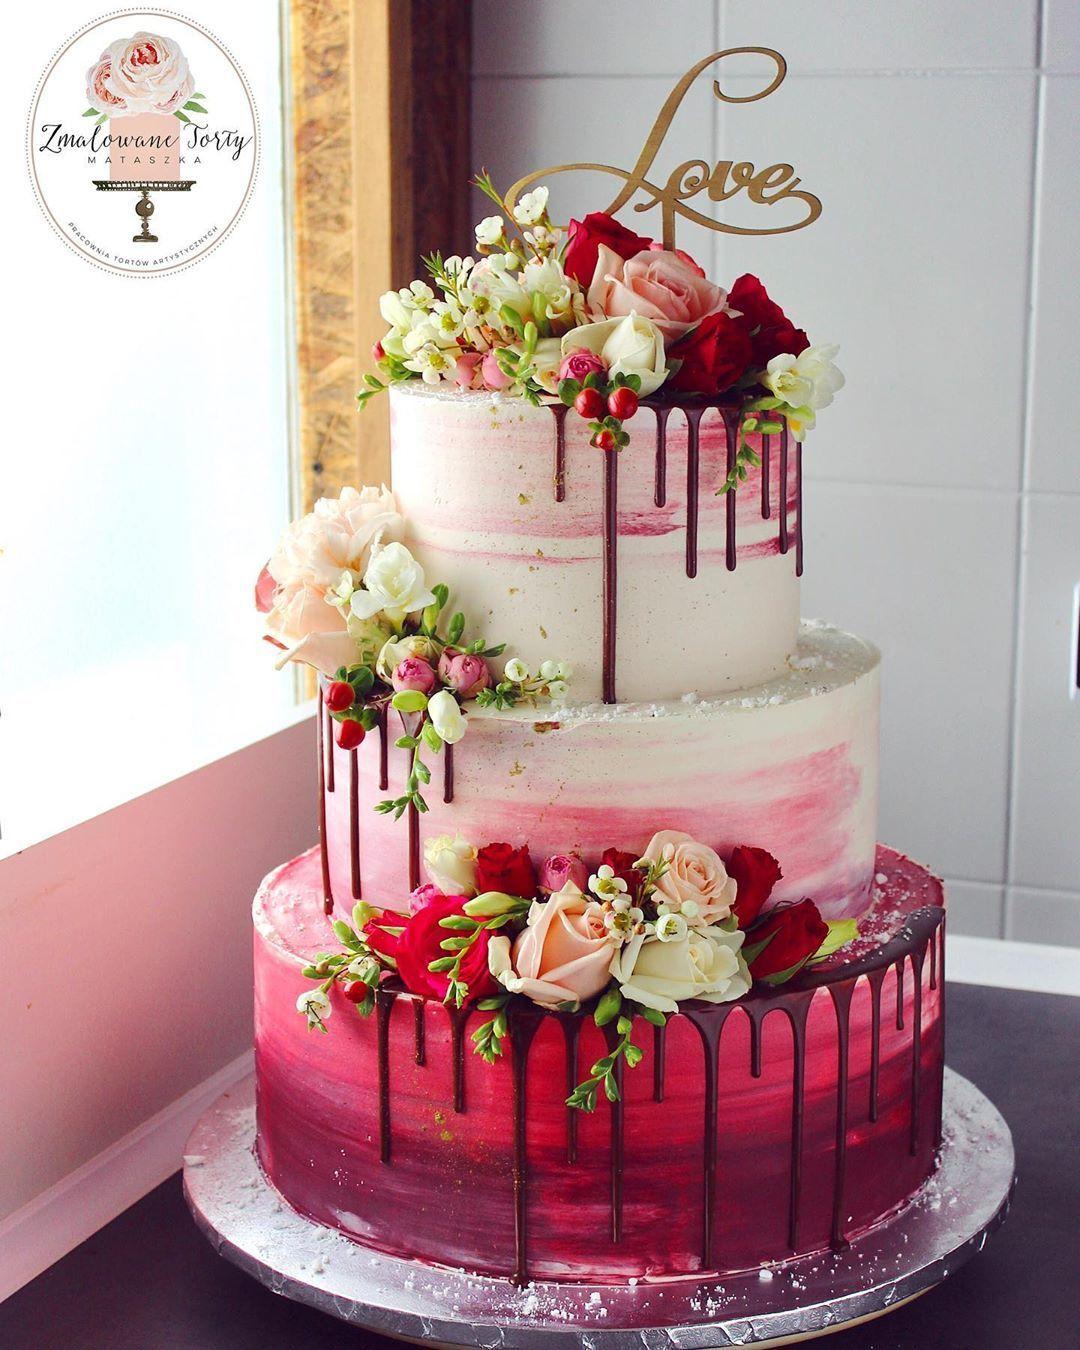 """Zmalowane Torty Mataszka on Instagram: """"Wedding cake with red ombre️…"""""""